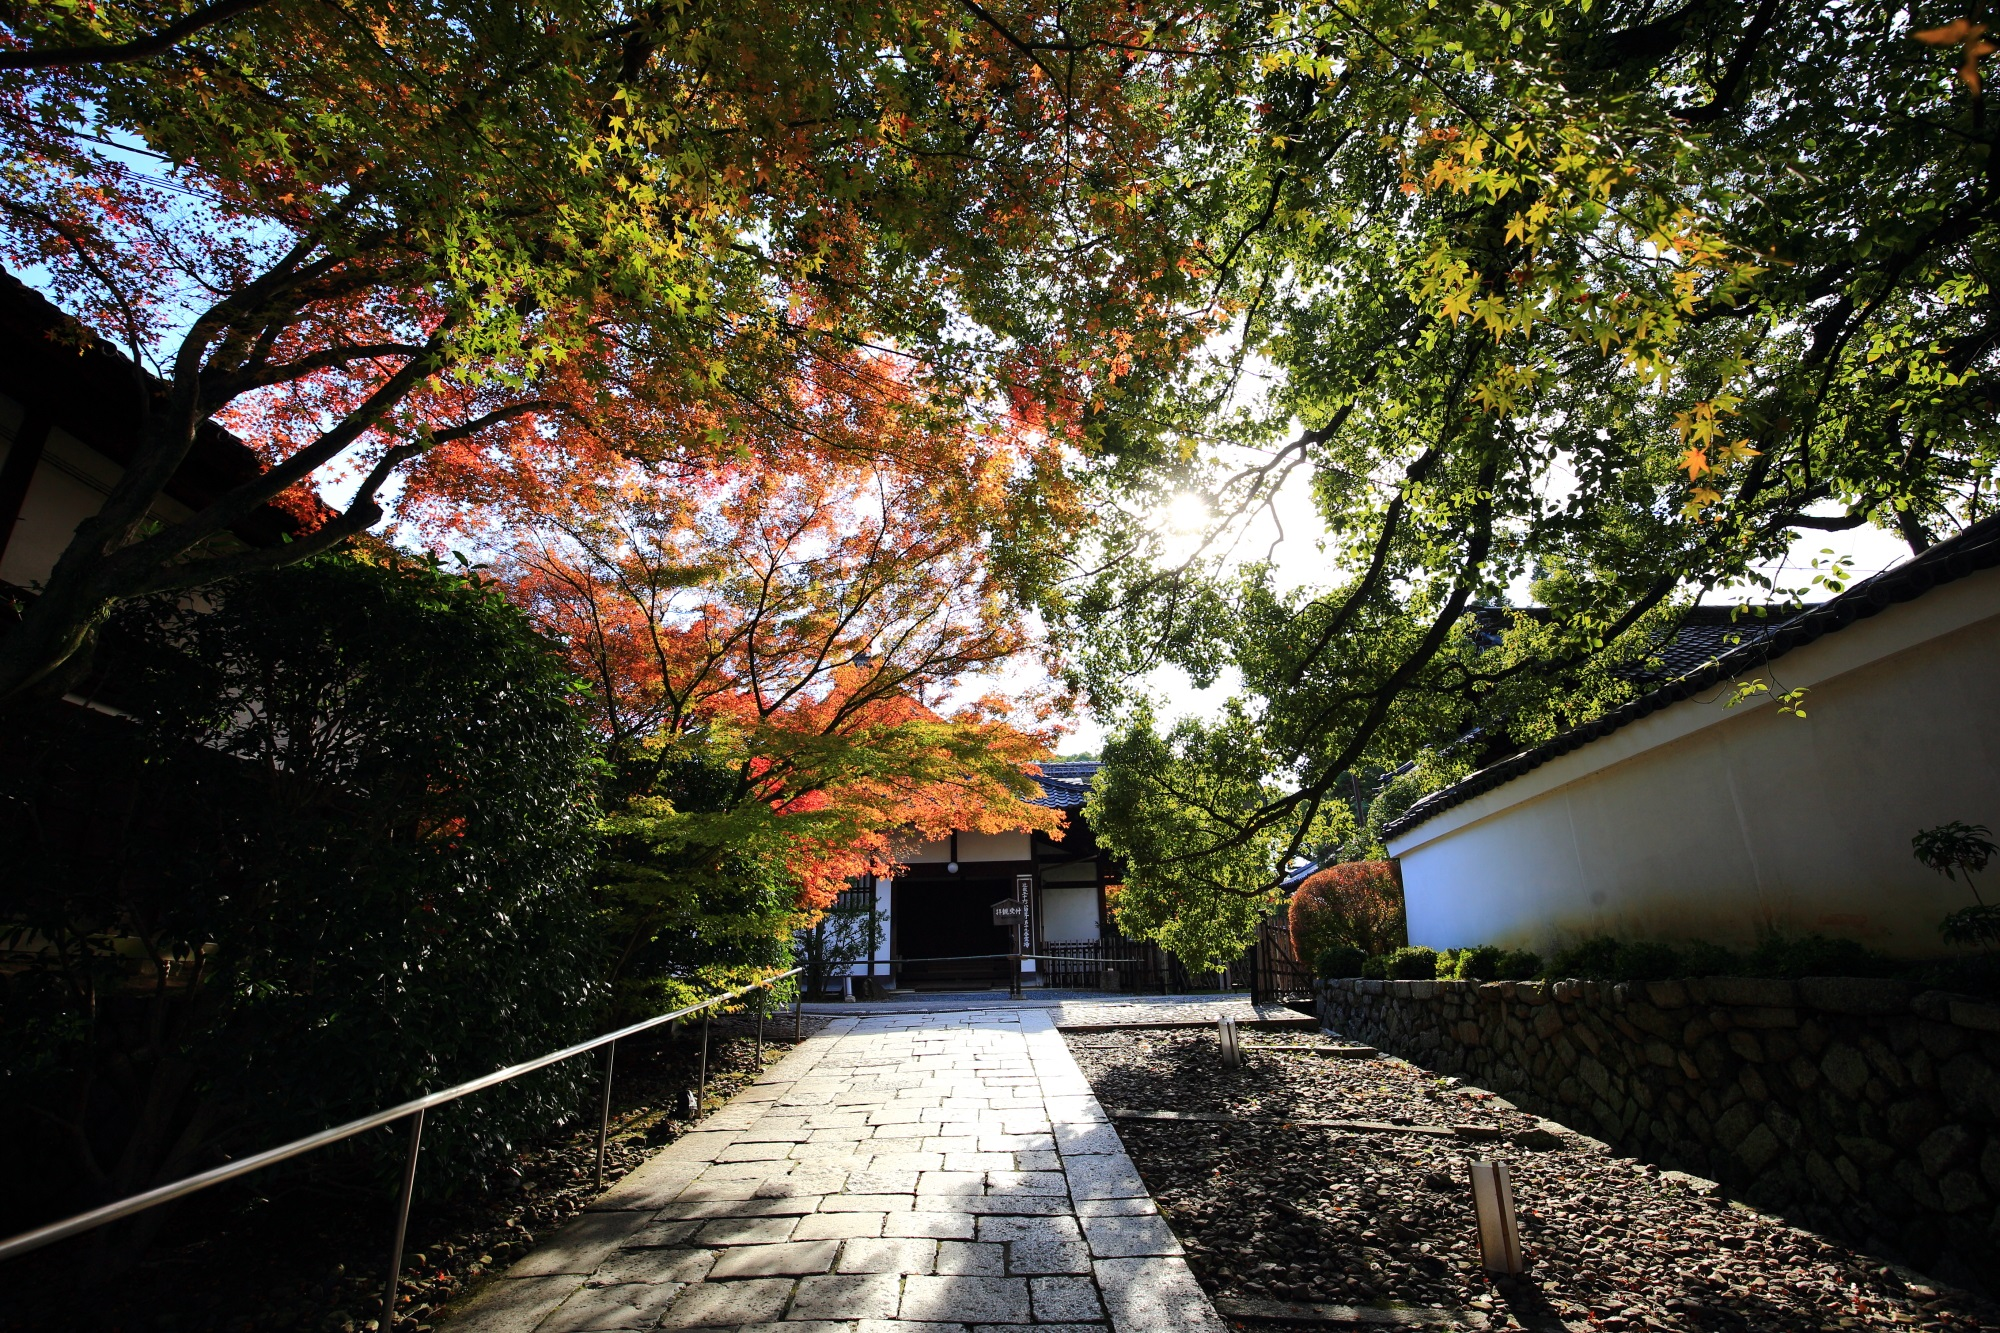 青蓮院の山門付近の紅葉